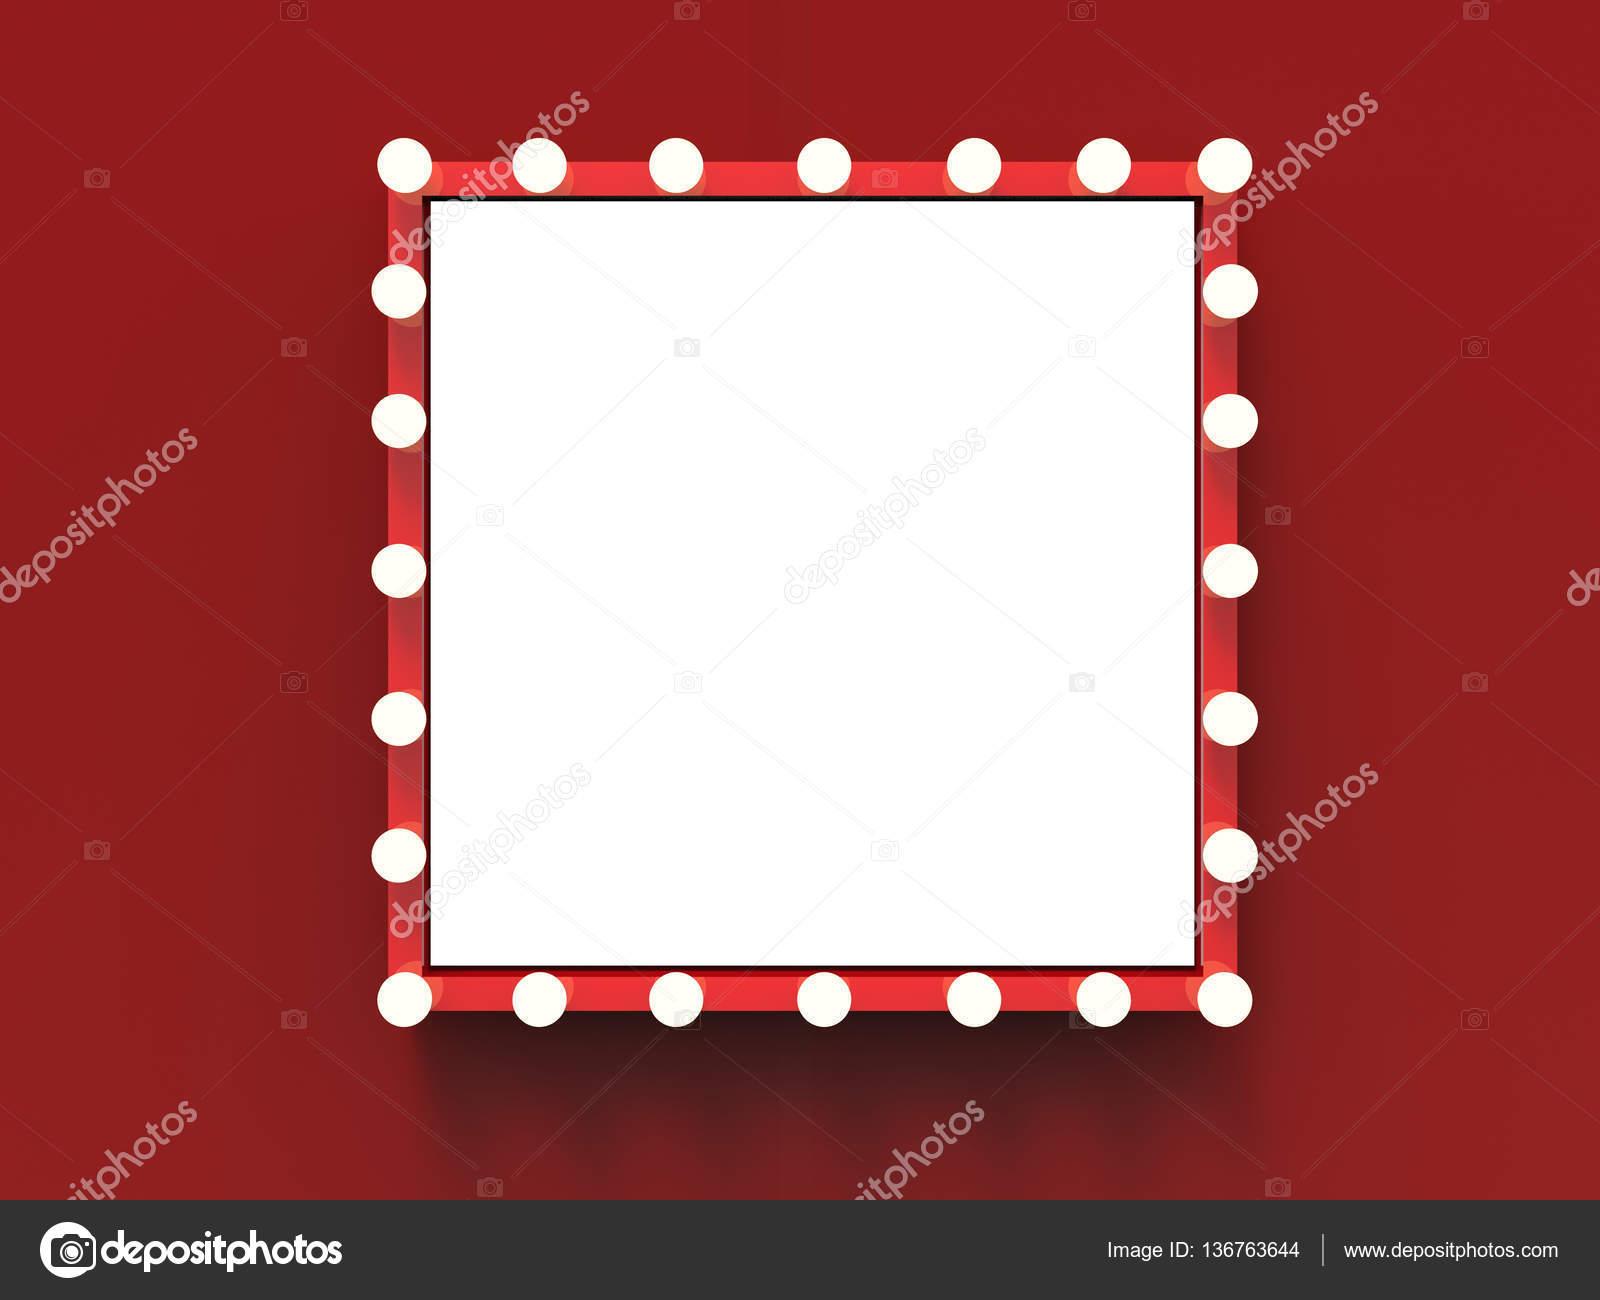 roter Rahmen mit Glühbirnen surround — Stockfoto © phonlamai #136763644